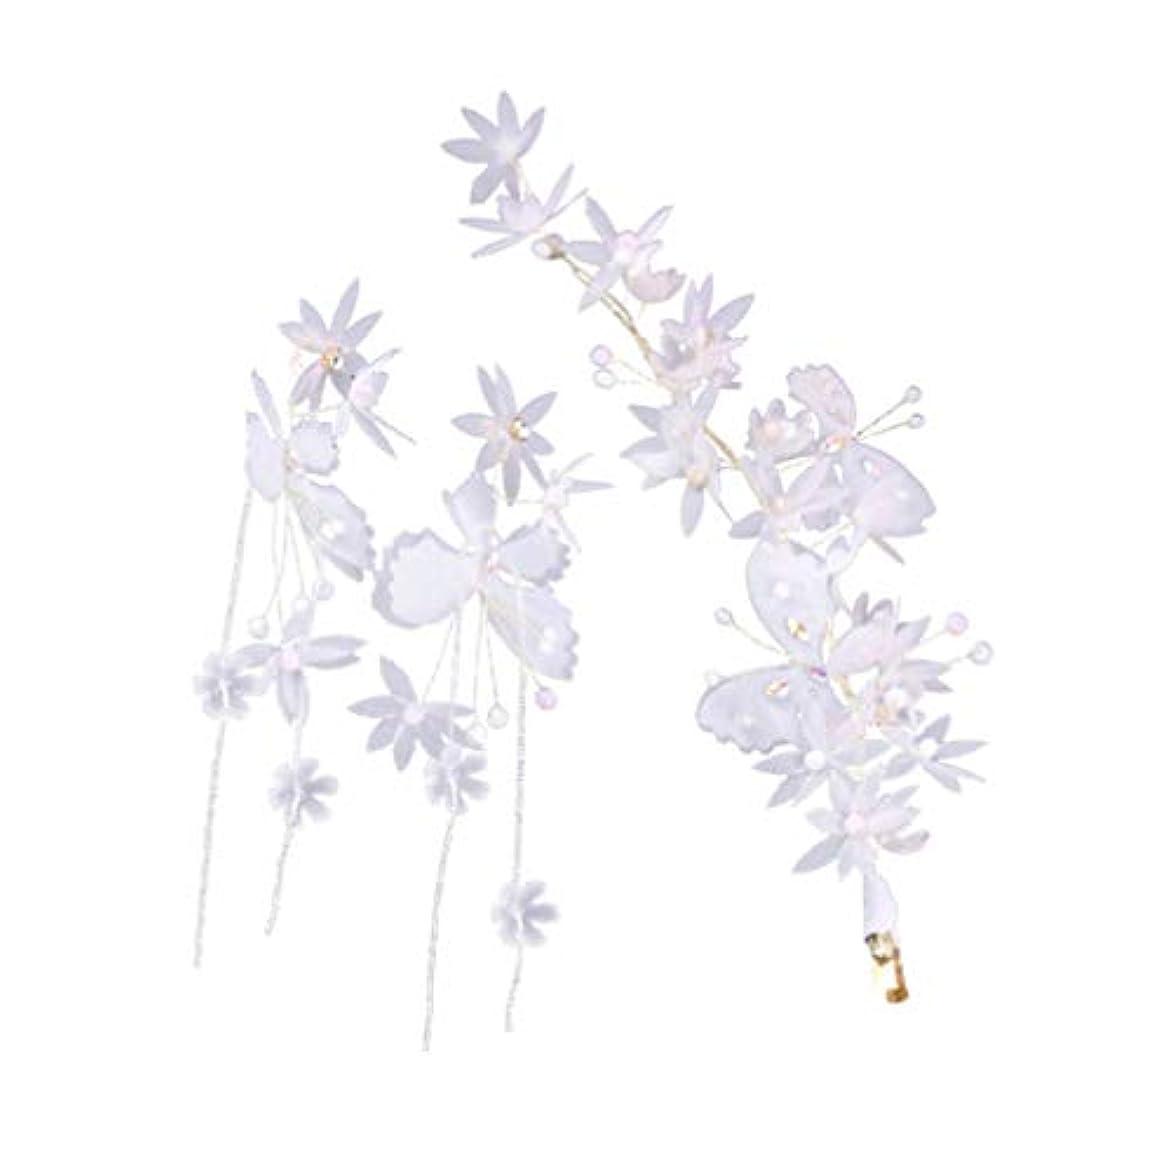 化学者鮮やかな豊かなTINKSKY おしゃれ ピアス 髪飾り ヘアピン 胡蝶デザイン かわいい ギフトレディース 人気 高級感 3点セット